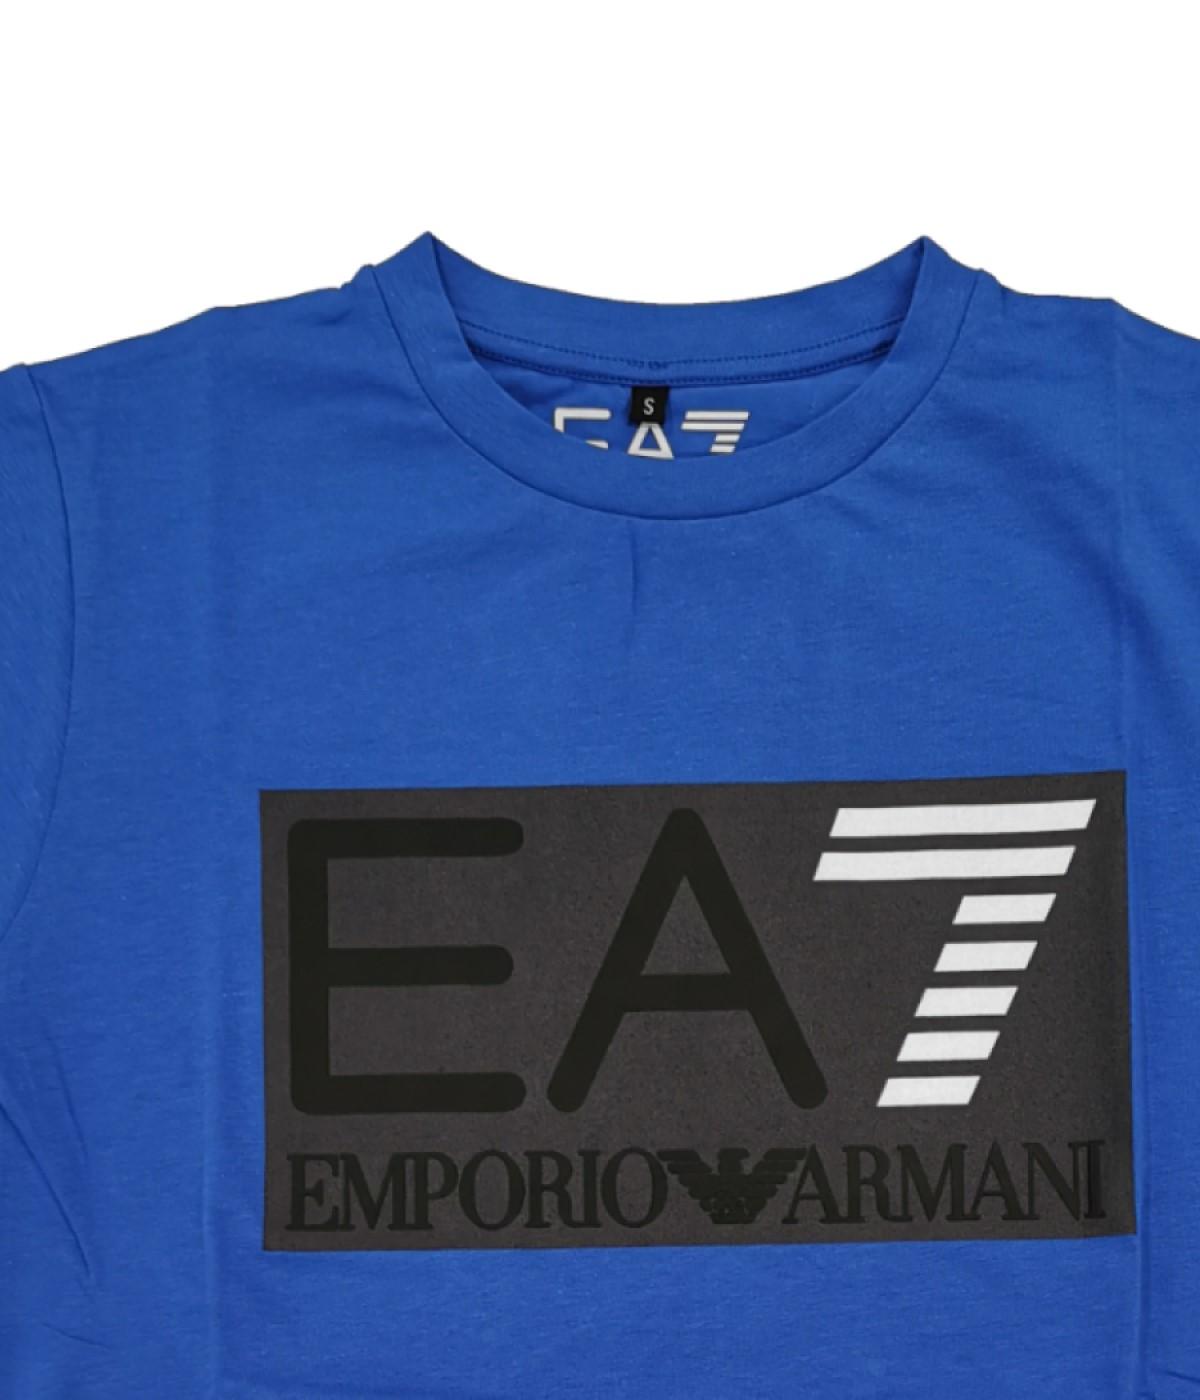 EMPORIO ARMANI T-SHIRT UOMO BLU ROYAL LOGO STAMPATO